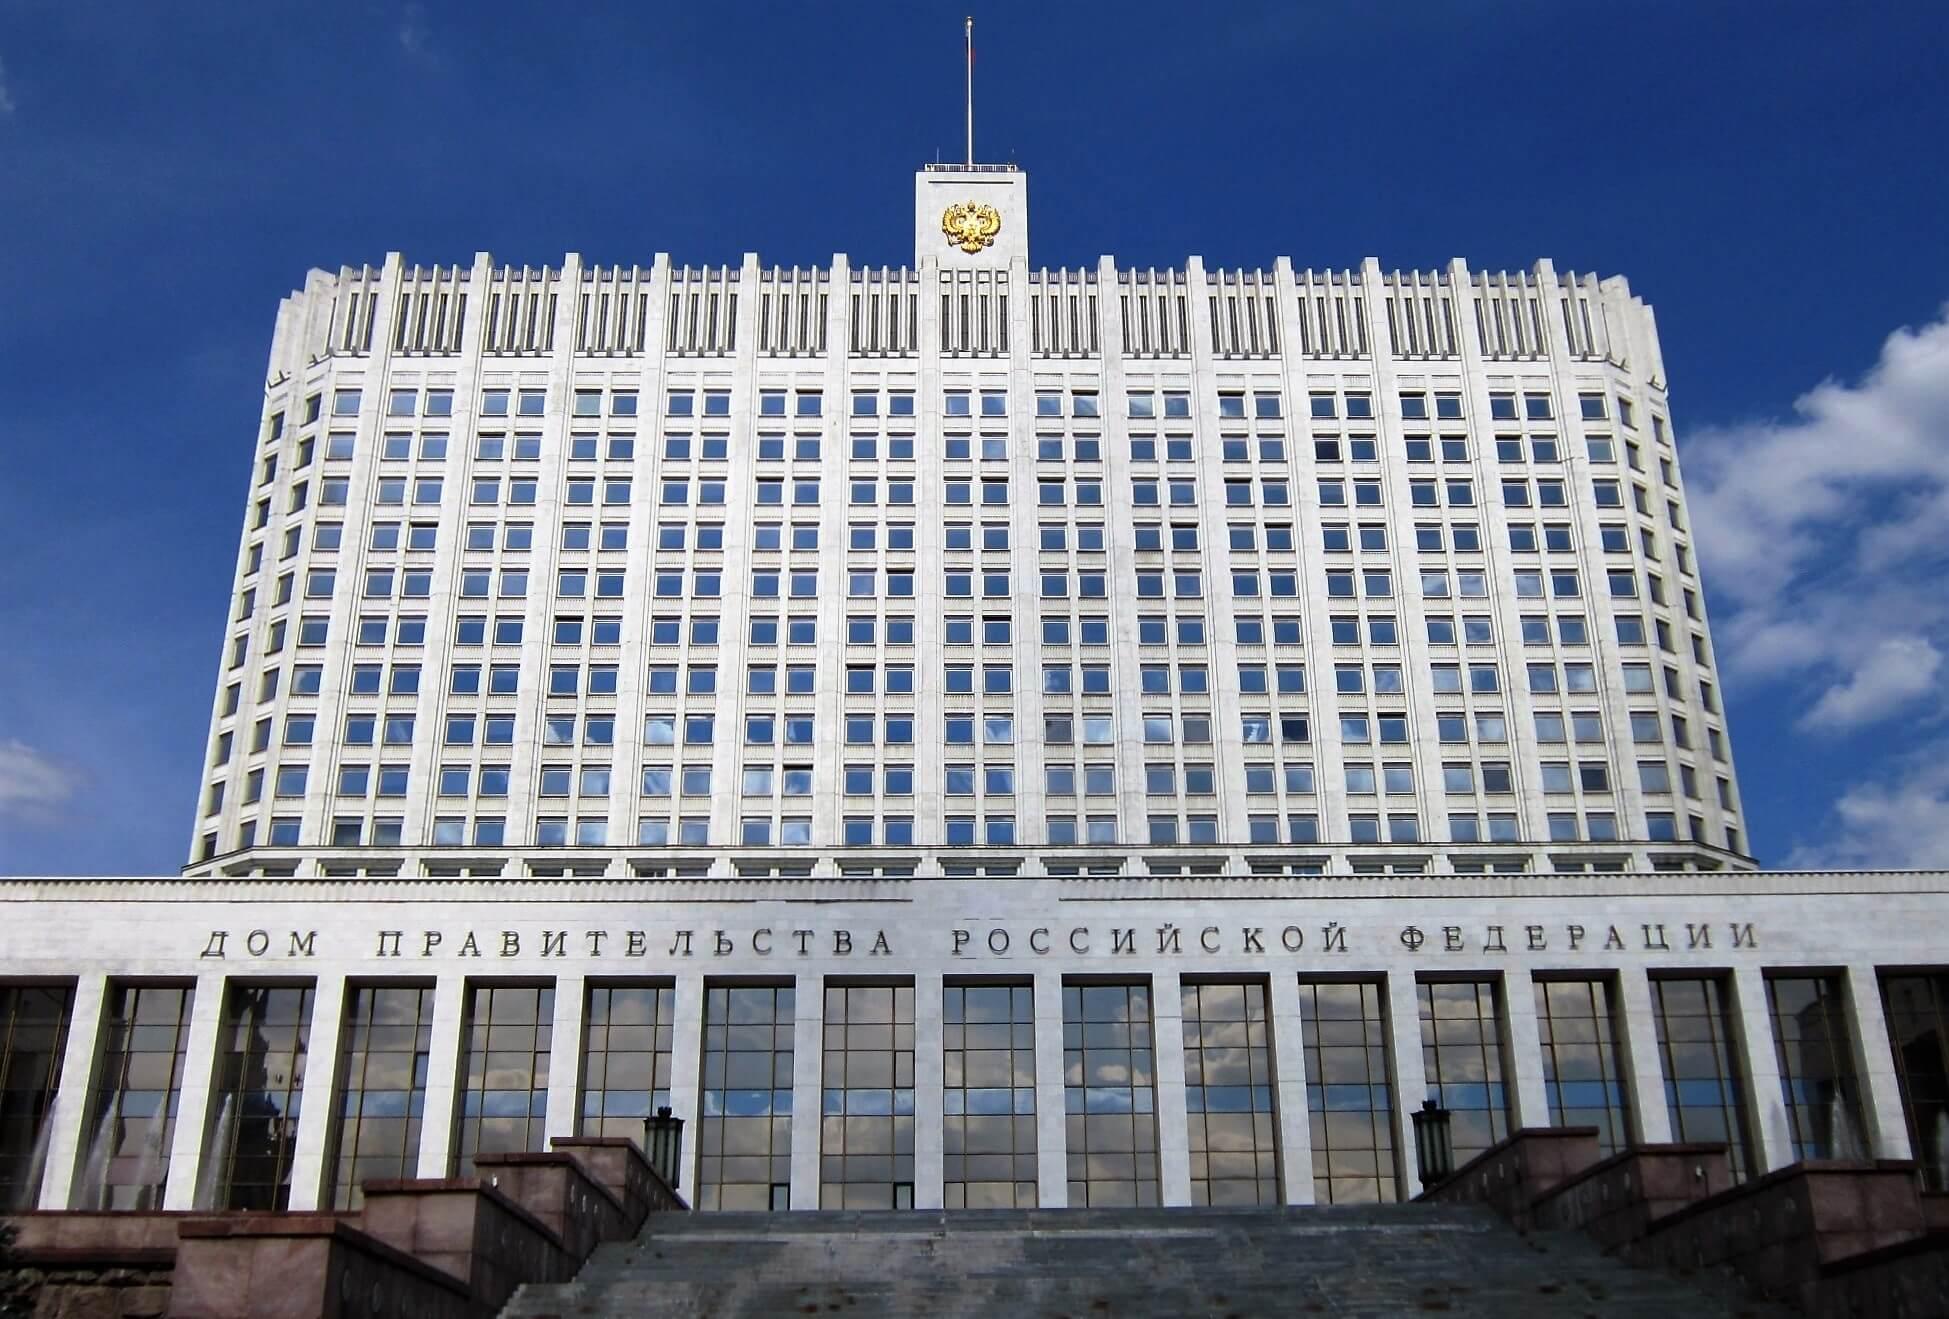 Глава Якутии принял участие в заседании президиума Правительственной комиссии по транспорту